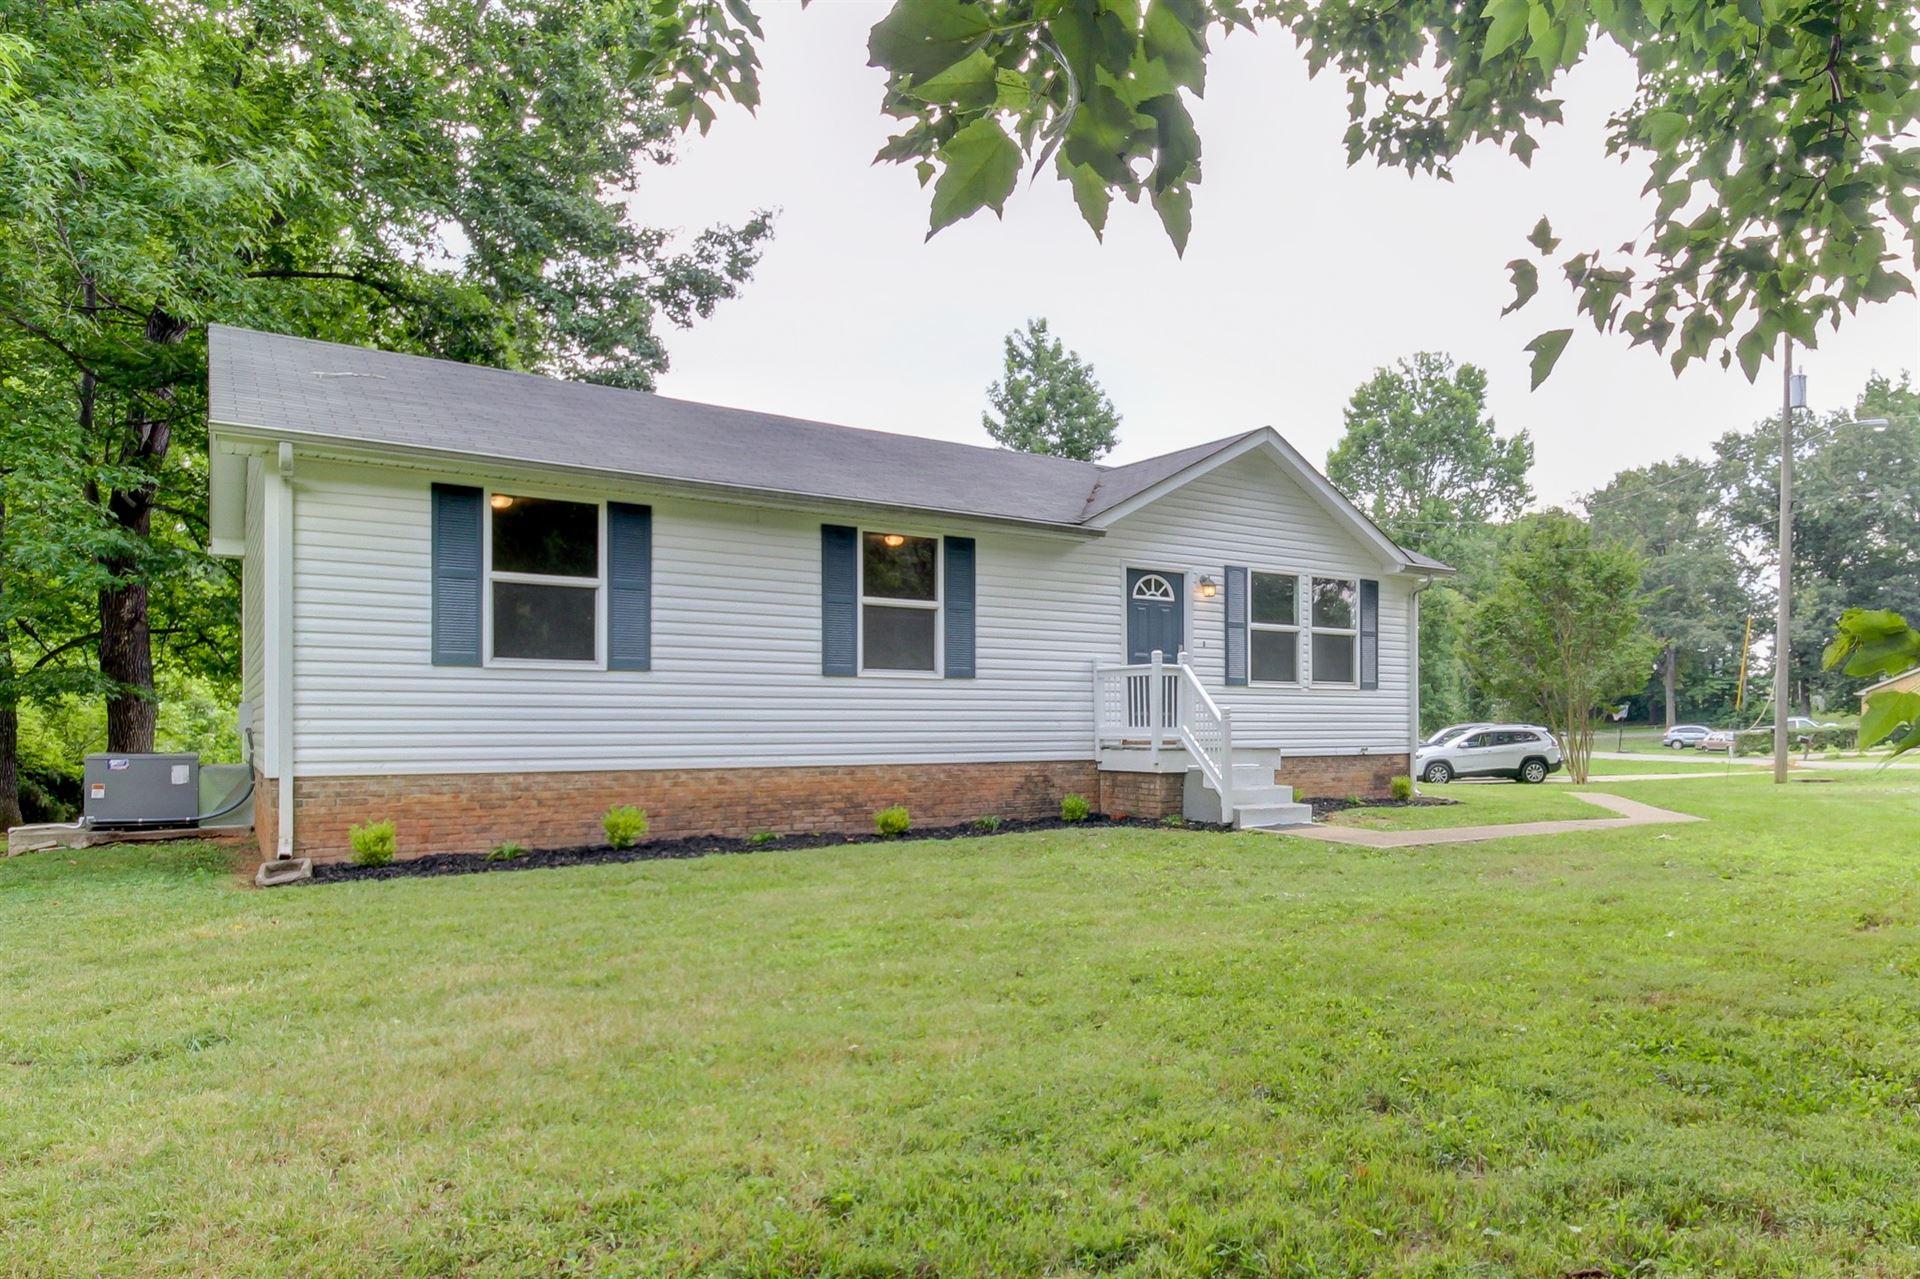 605 Spruce Dr, Clarksville, TN 37042 - MLS#: 2271165